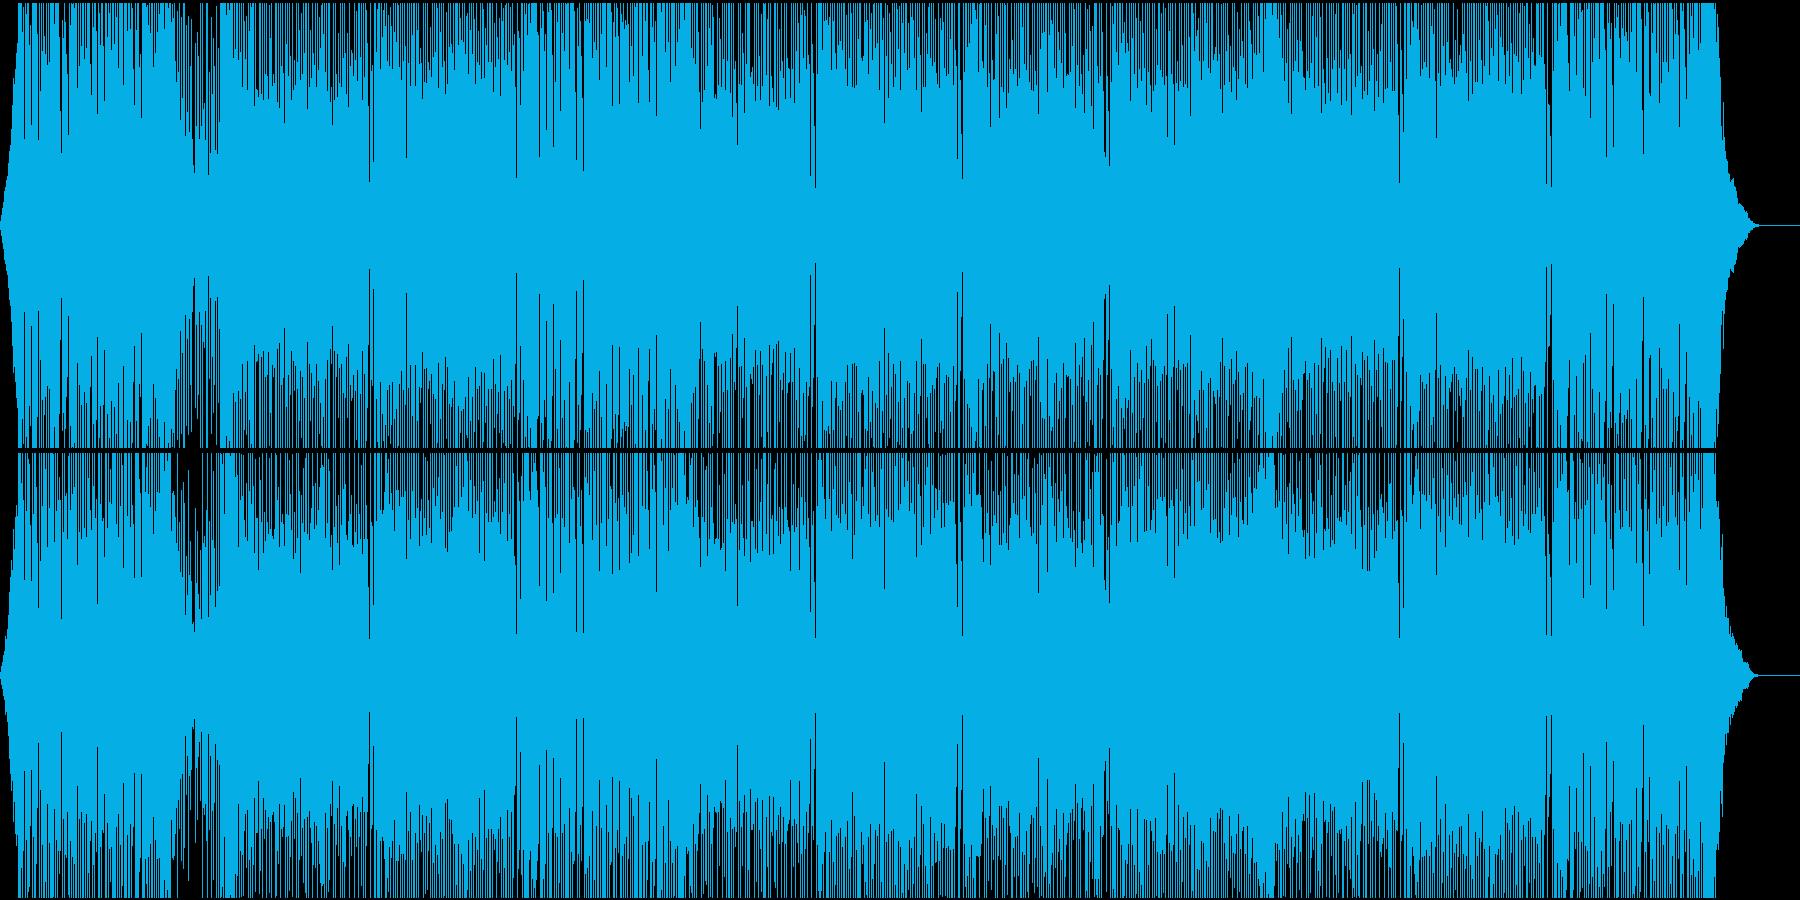 三味線が熱い!重厚和風ハードロック声無しの再生済みの波形